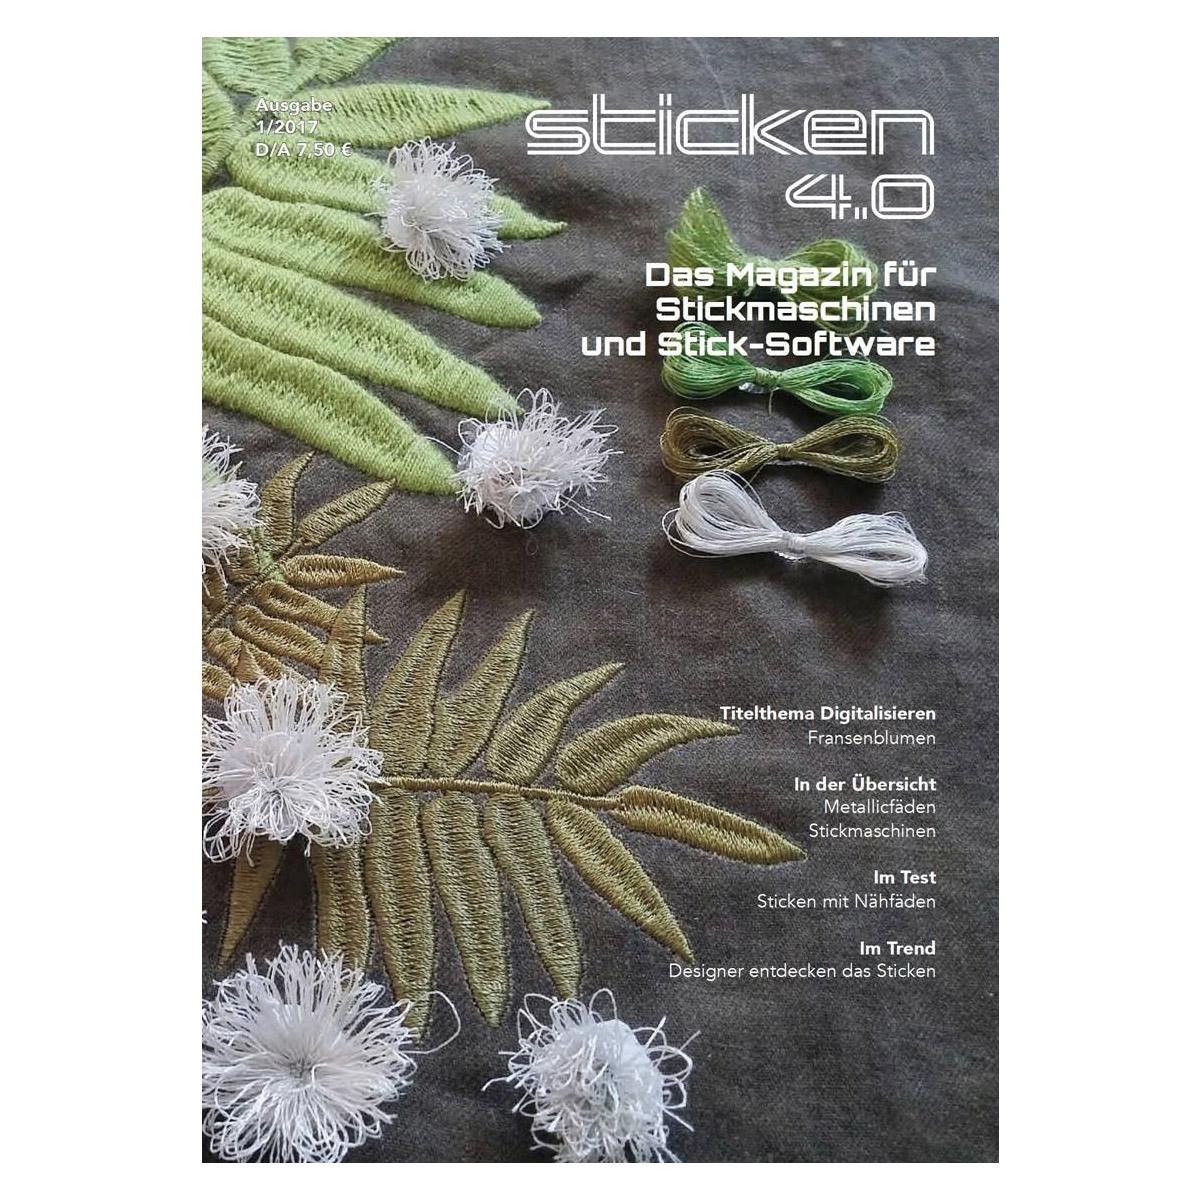 sticken 4.0 - Das Magazin für Stickmaschinen und Sticksoftware 1/17